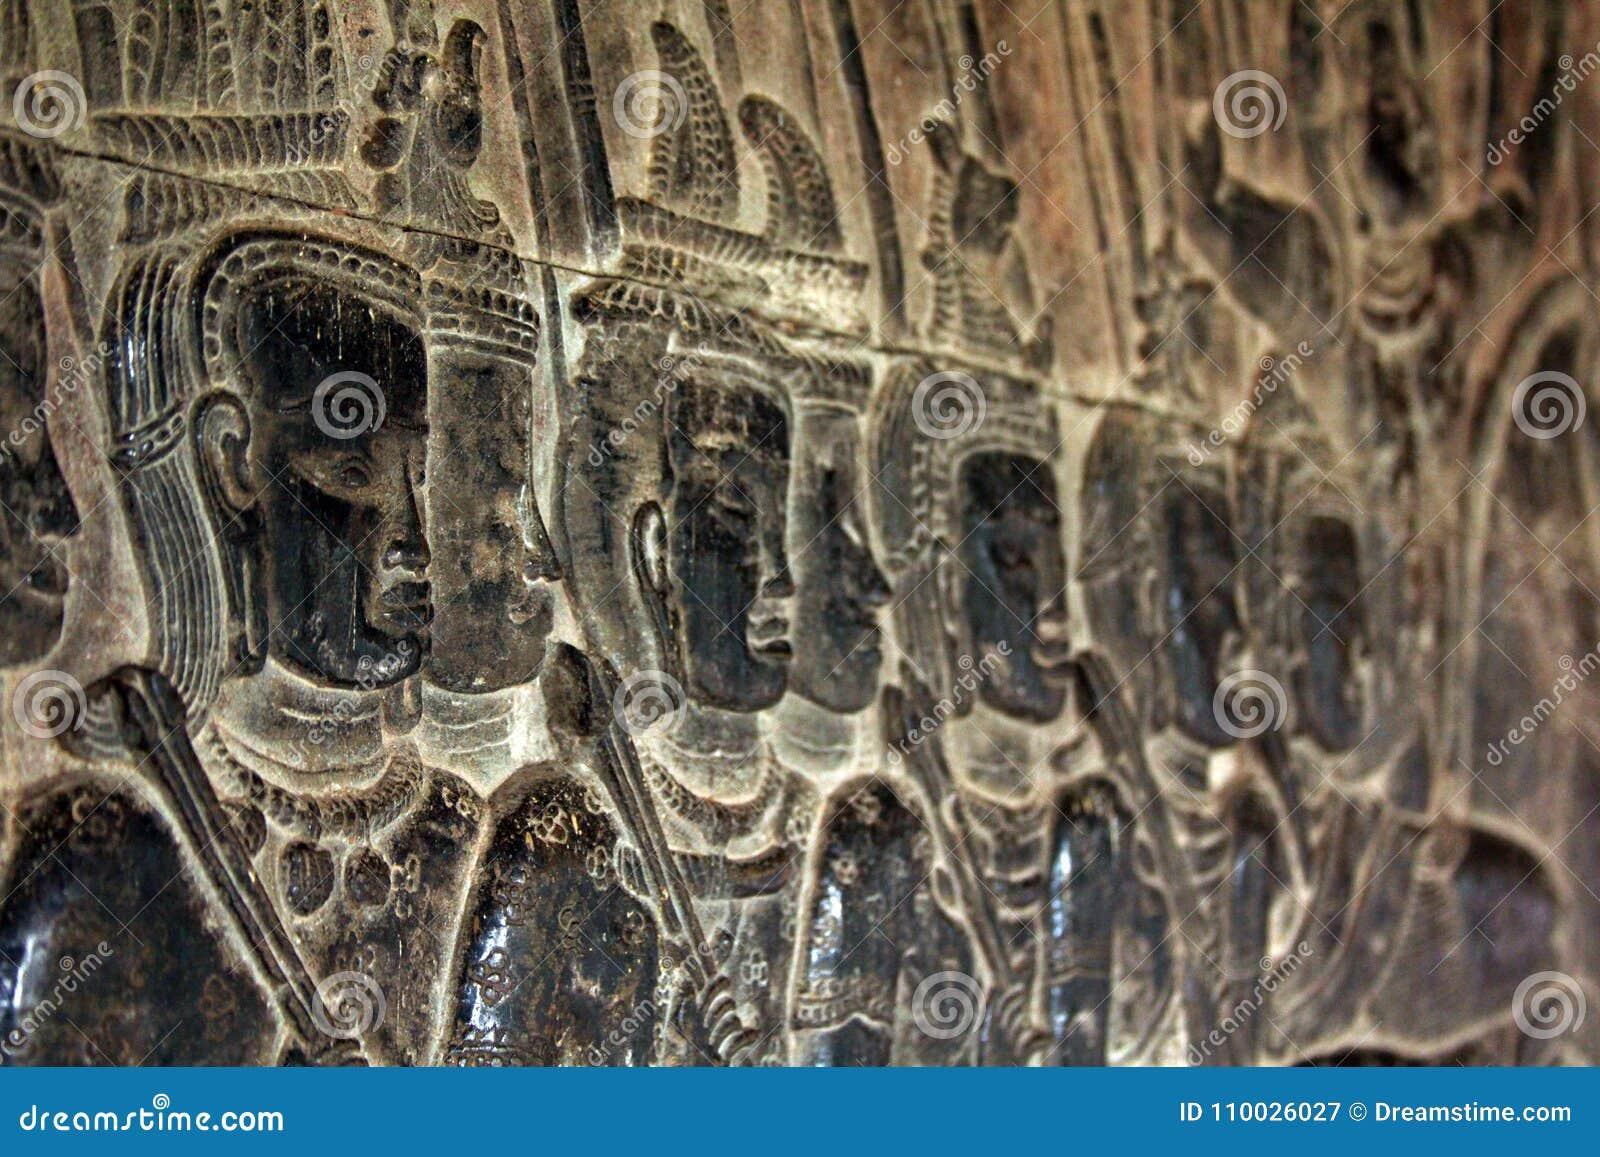 Gezichten van Tempel Bayon Angkor Wat kambodja